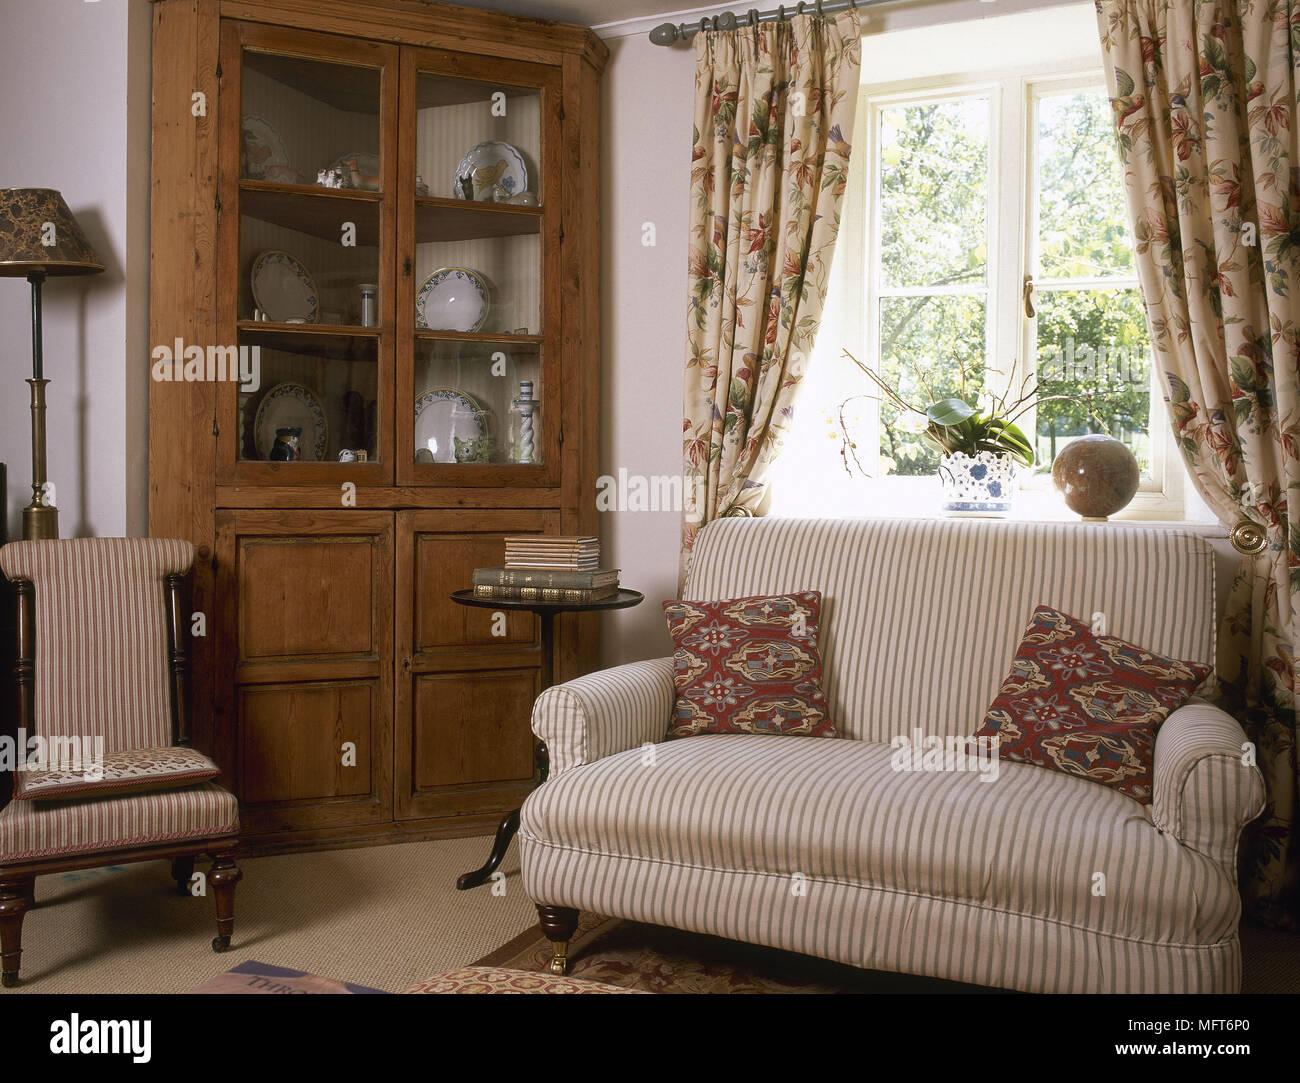 Camere A Righe : Paese tradizionale salotto divano a strisce tende floreali vetrina